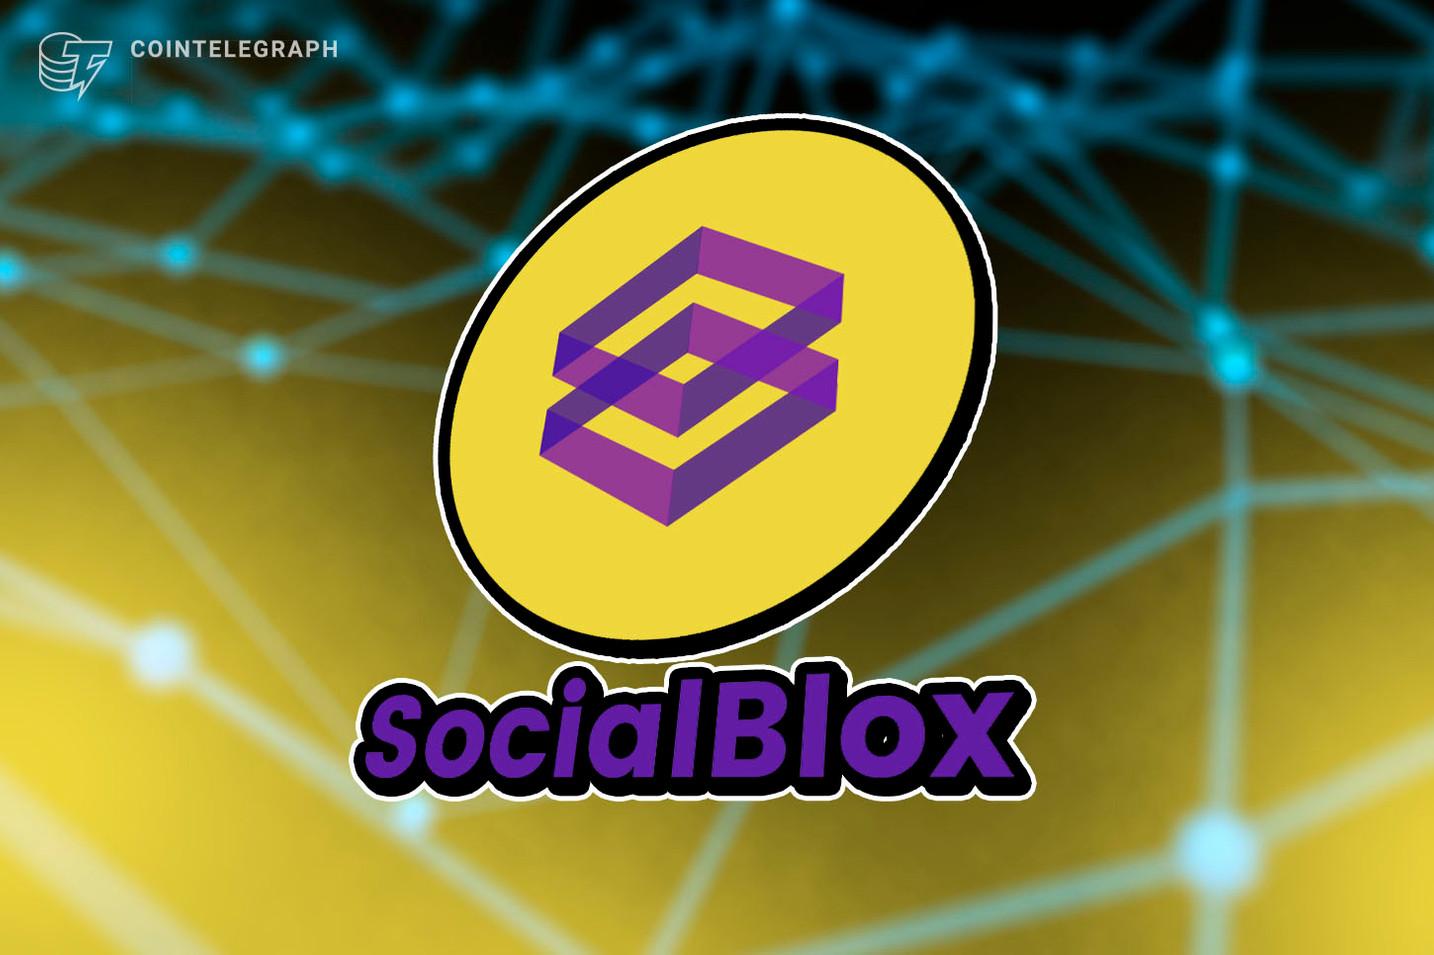 社交媒体平台SocialBlox会颠覆Facebook吗?